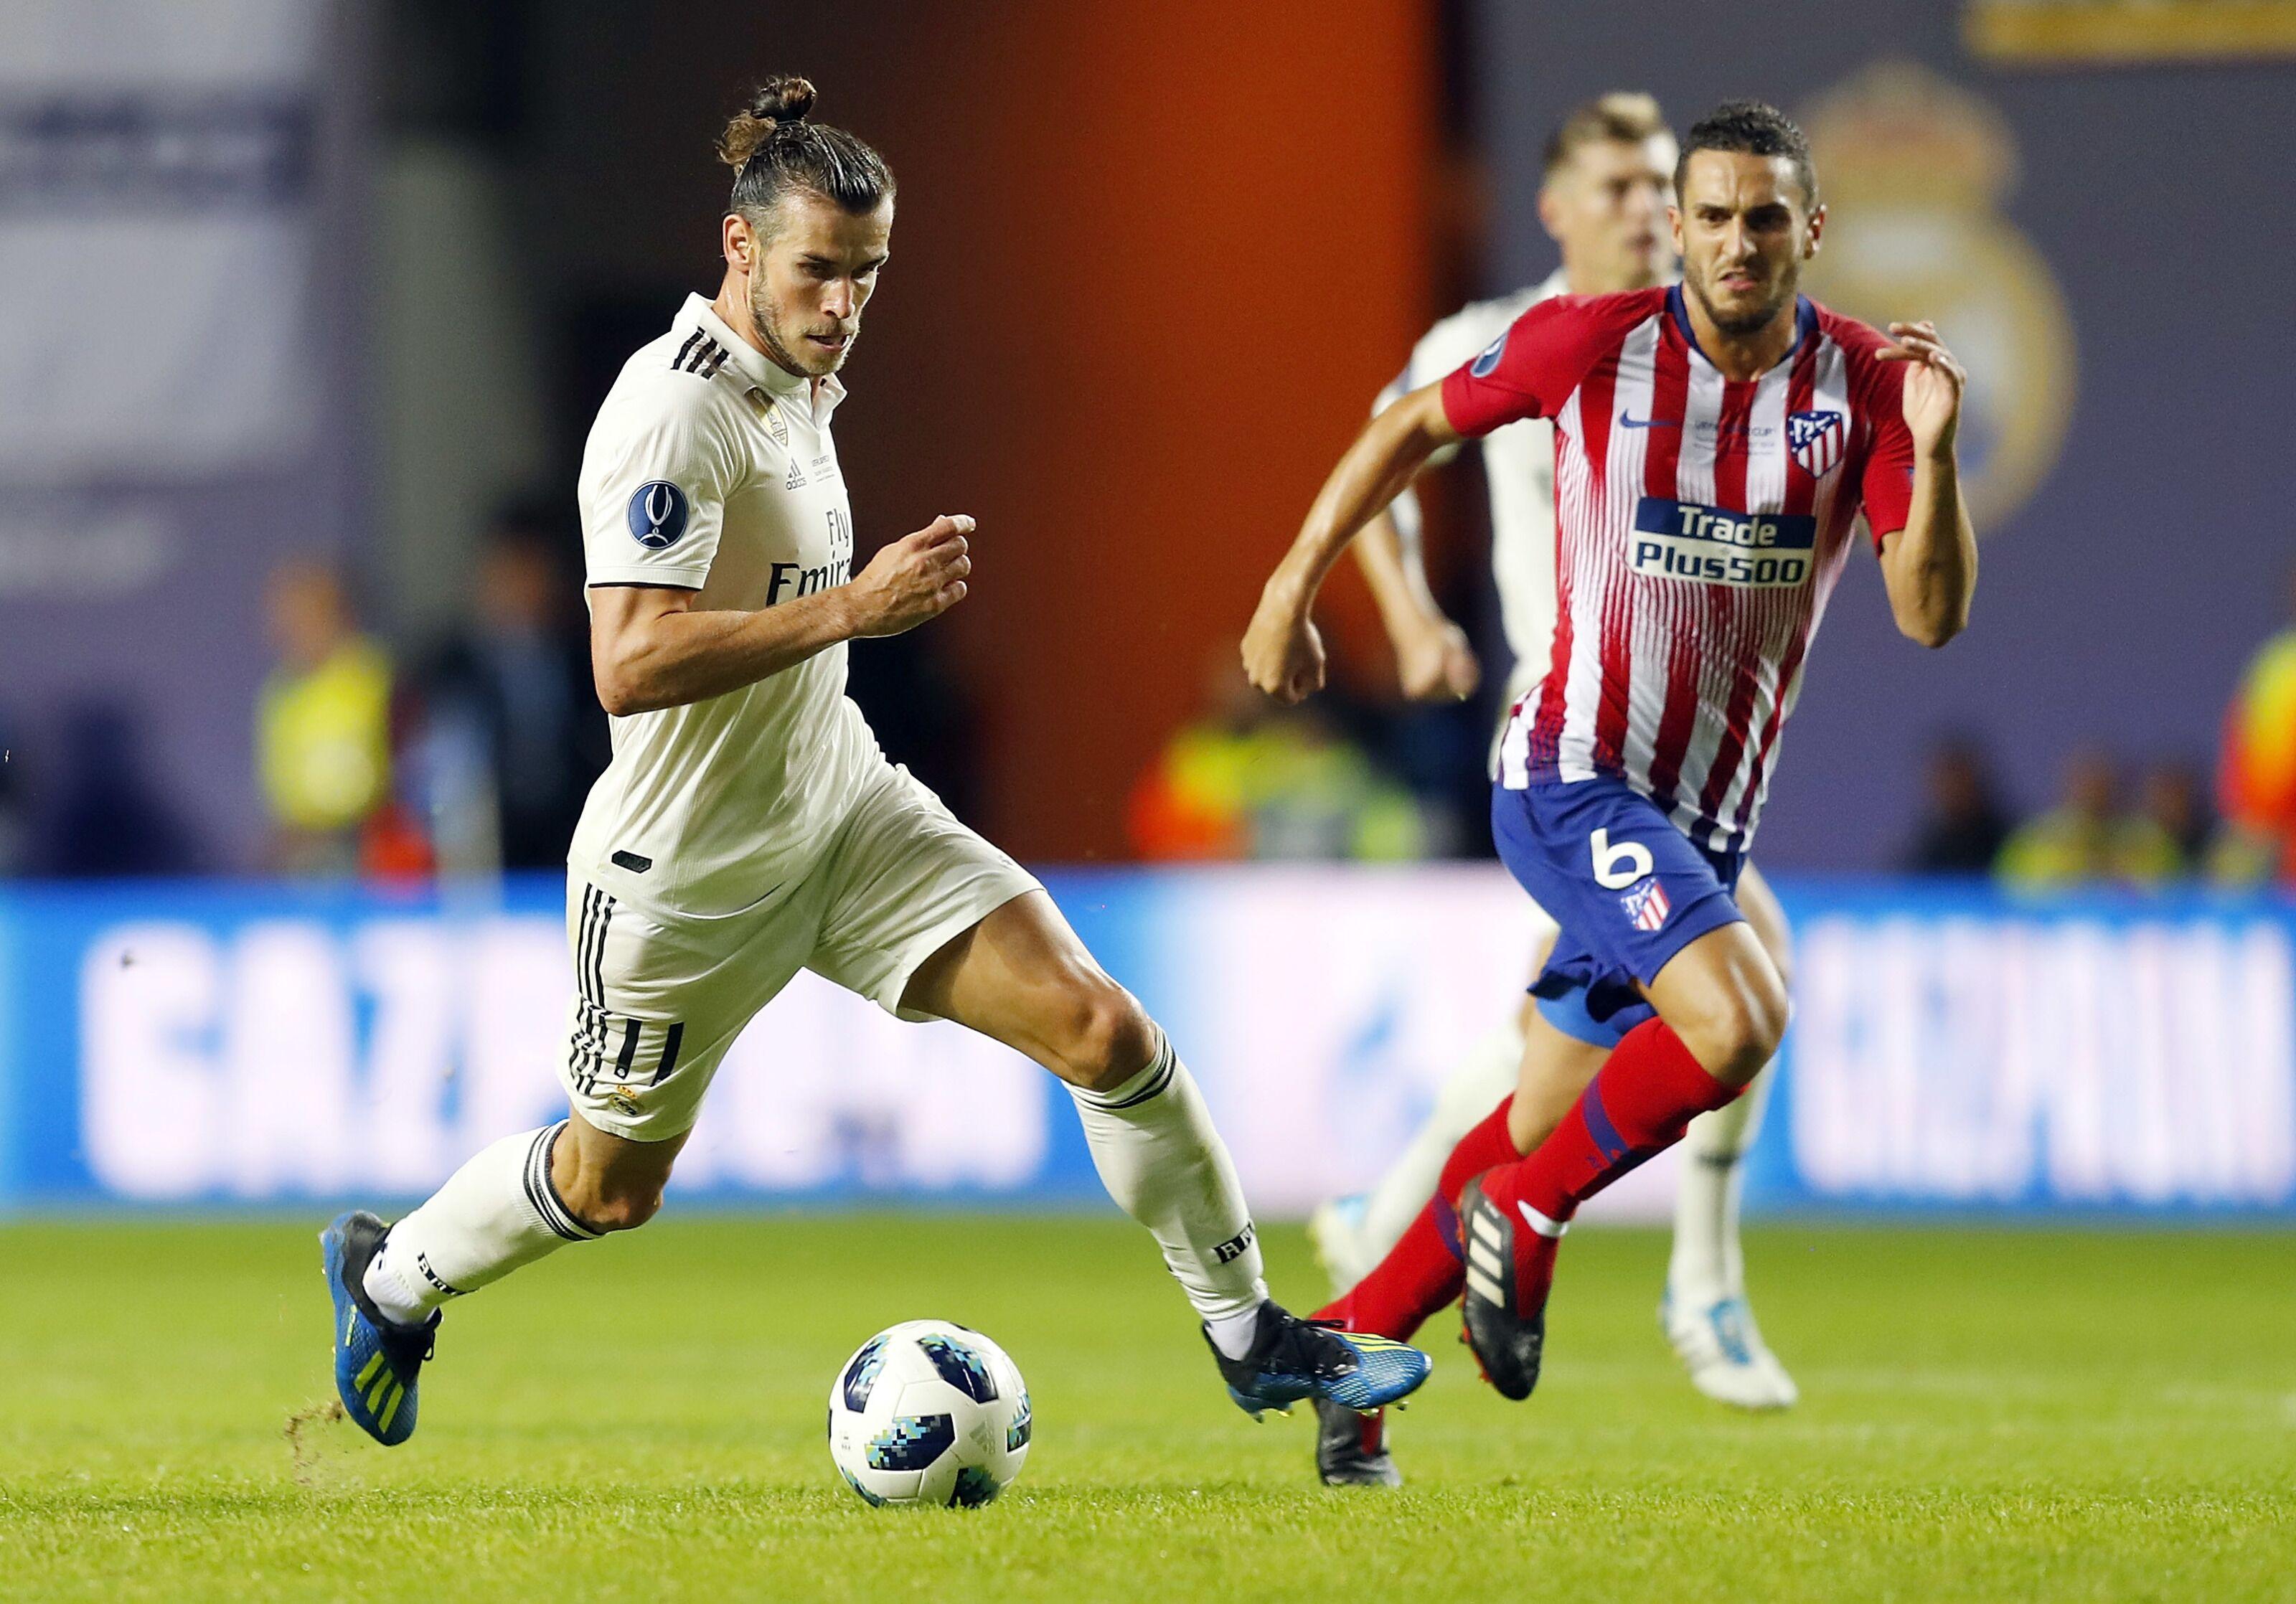 Atlético Madrid Vs Real Madrid: Real Madrid Vs. Atletico Madrid Live Stream: Watch La Liga